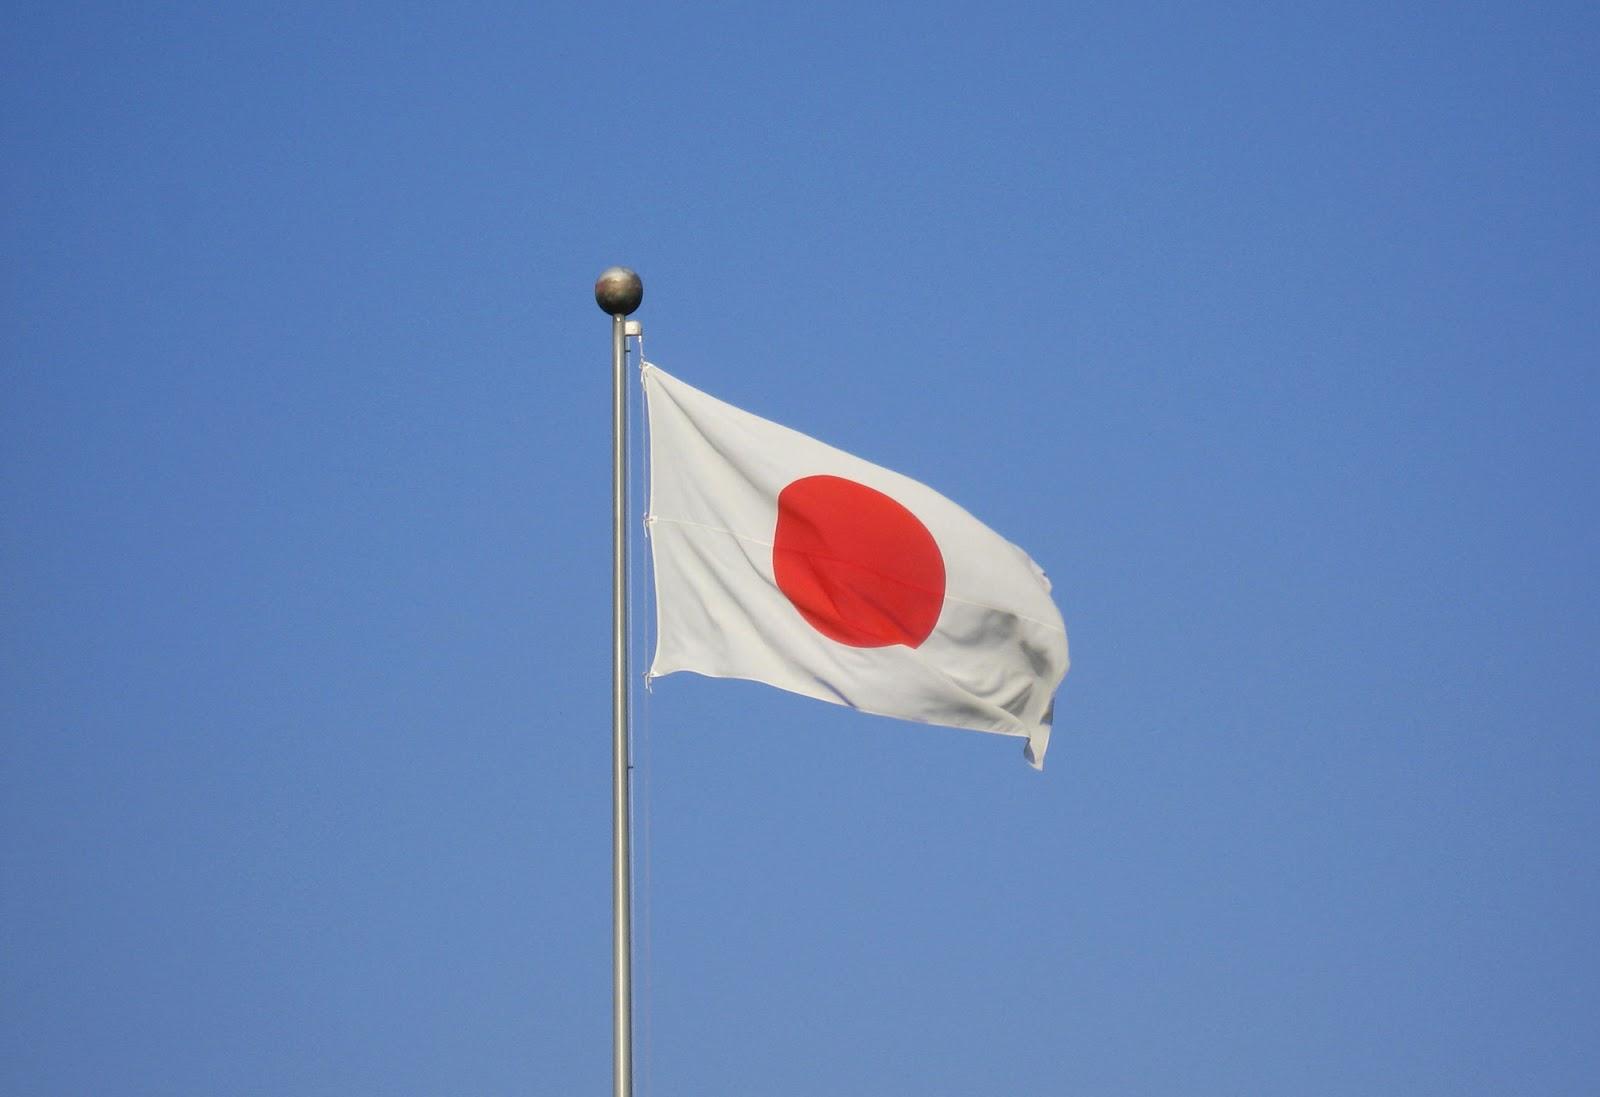 borchert field flying the flag